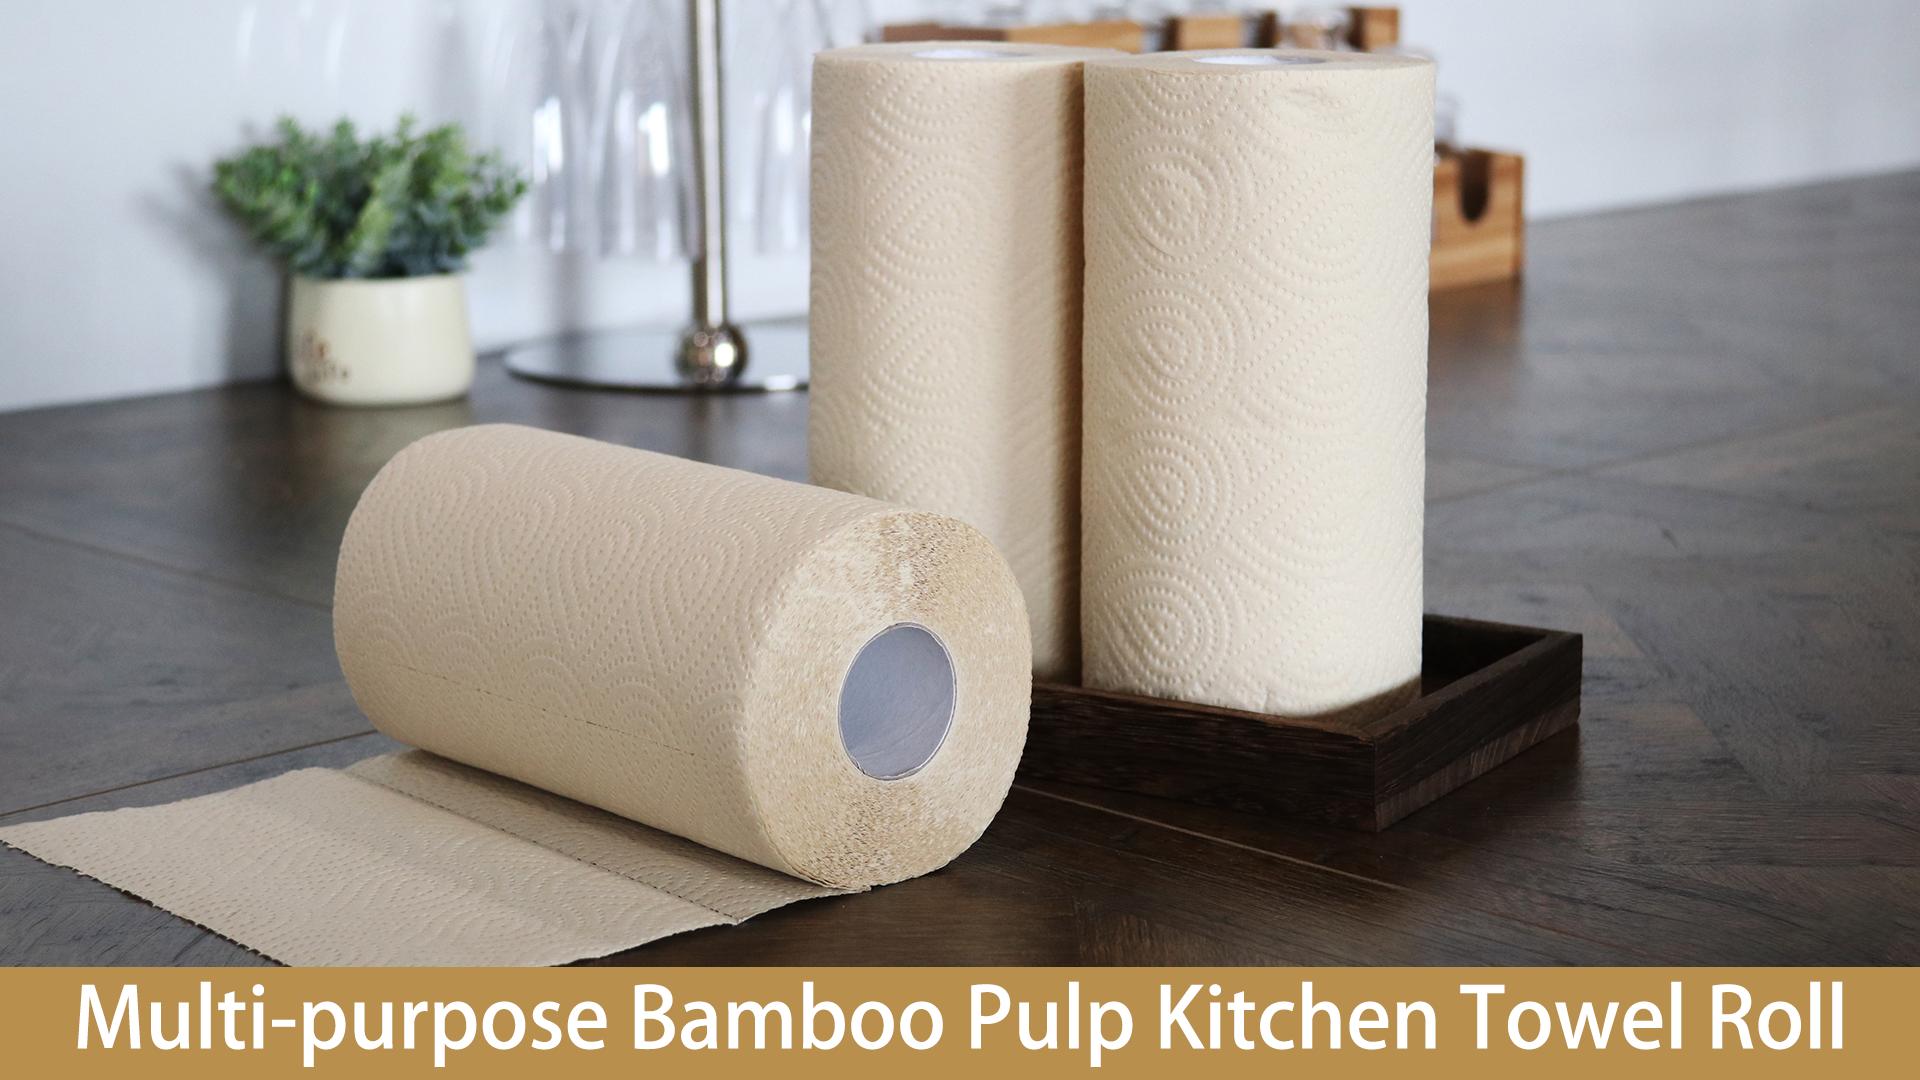 Aceite secante de pulpa 2ply relieve toalla de papel desechable rollo de tejido 173 hojas cocina rollo de papel Jumbo